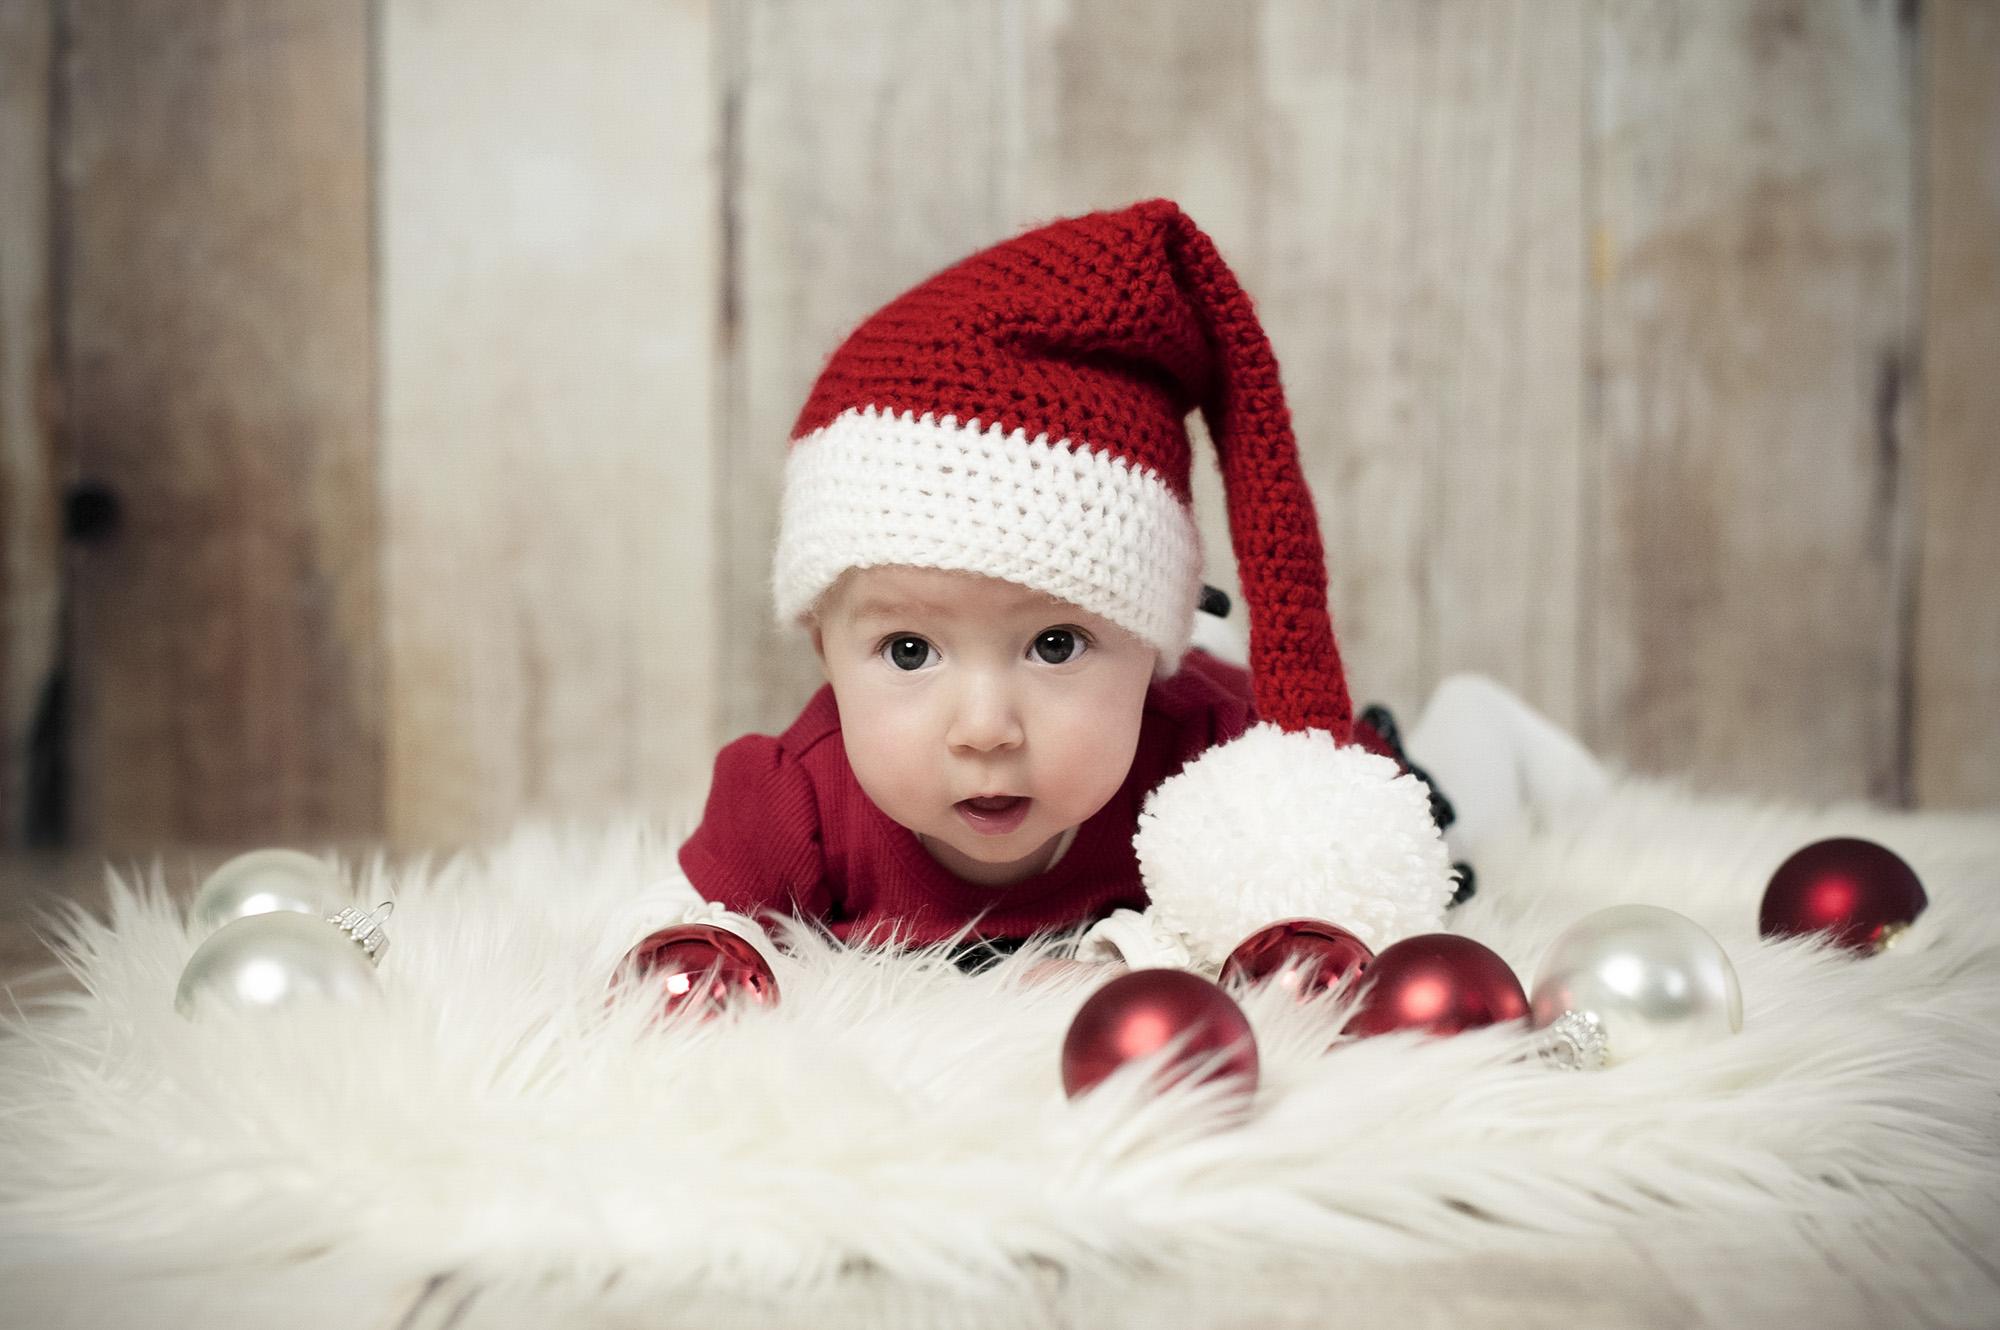 Baby Fotoshooting Weihnachten